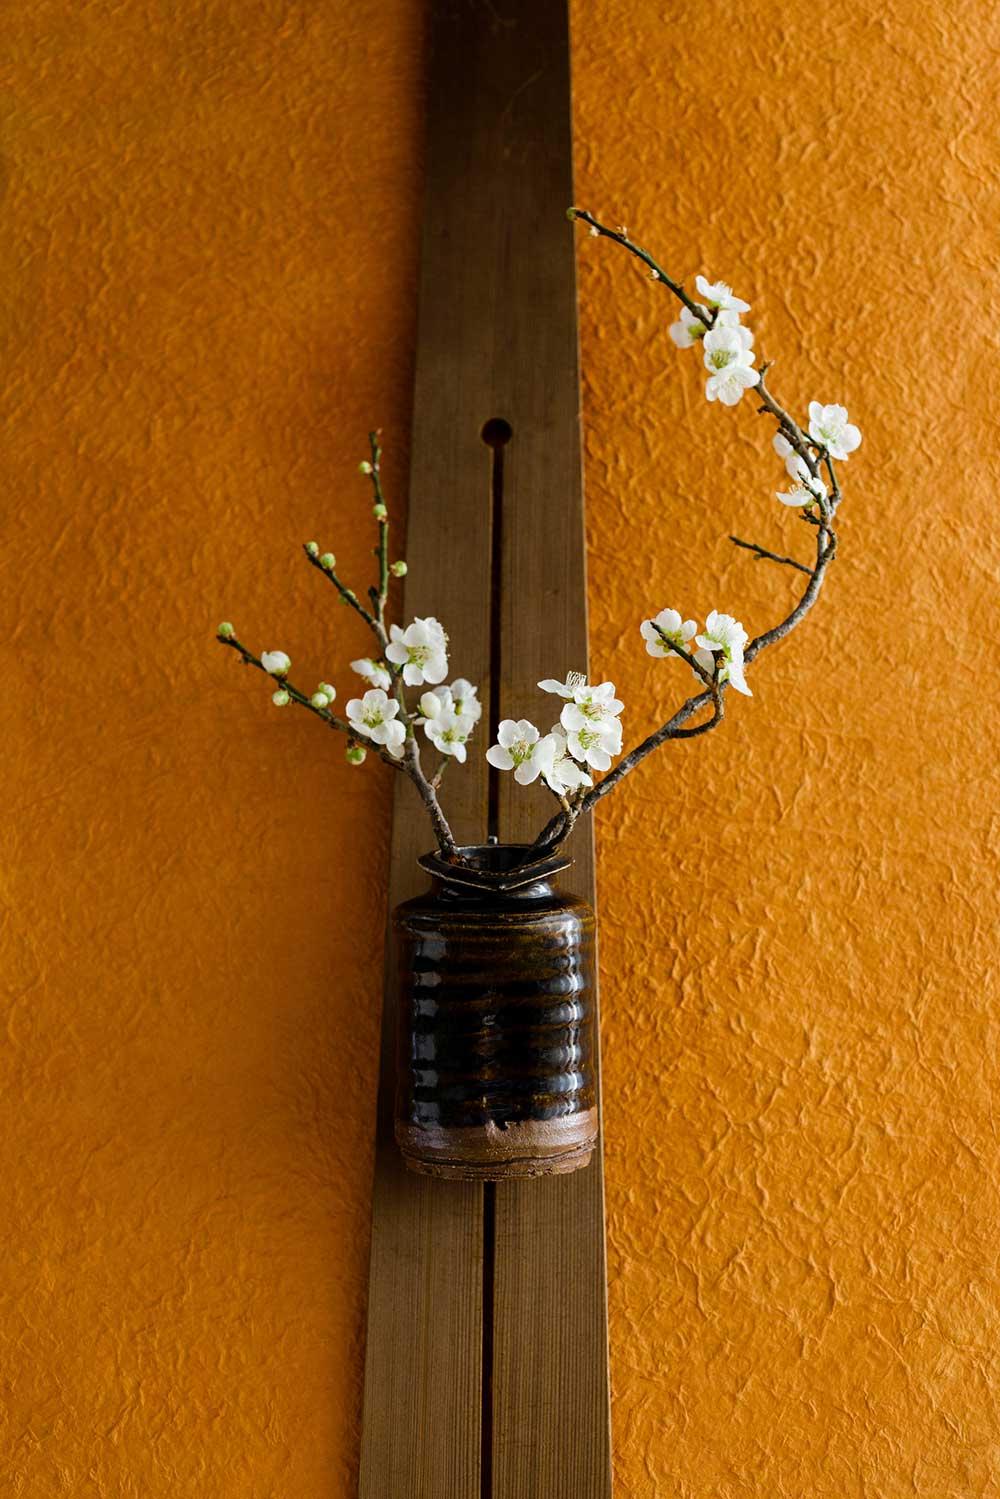 壁の柱に飾られた花瓶